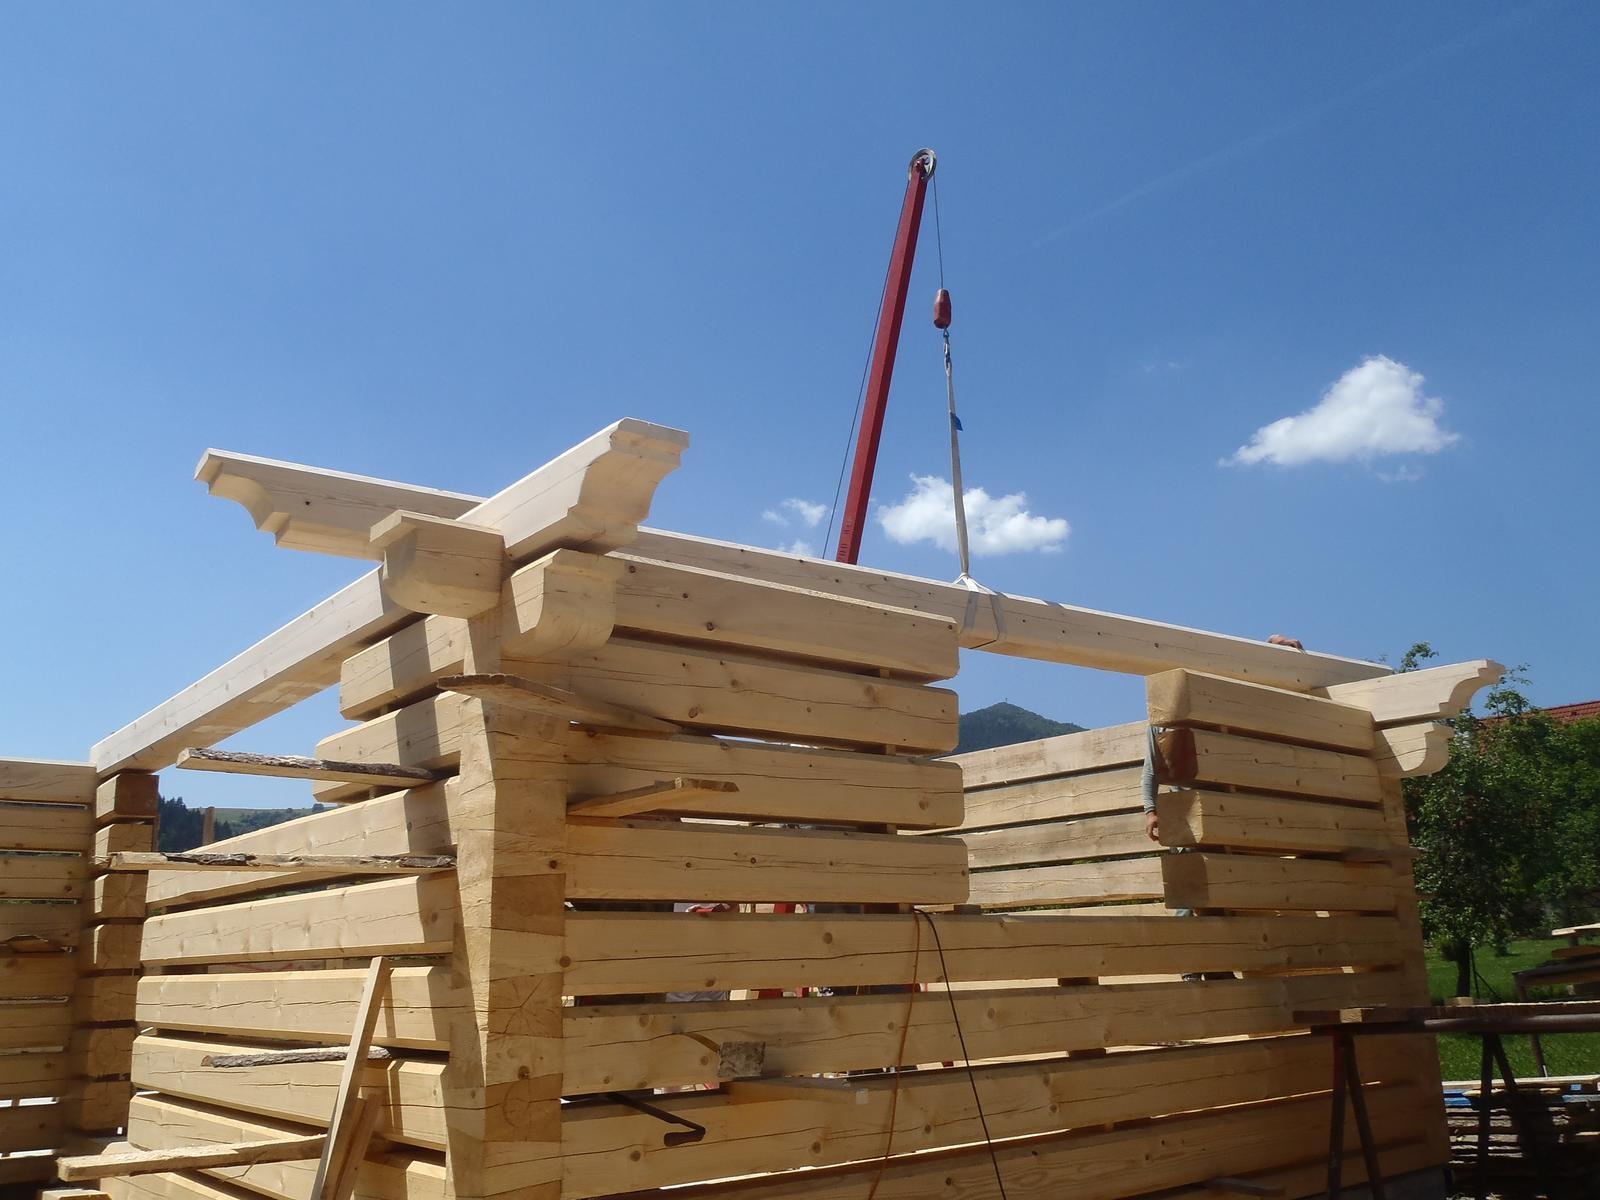 Náš veľký sen o drevenom domčeku! - Obrázok č. 82